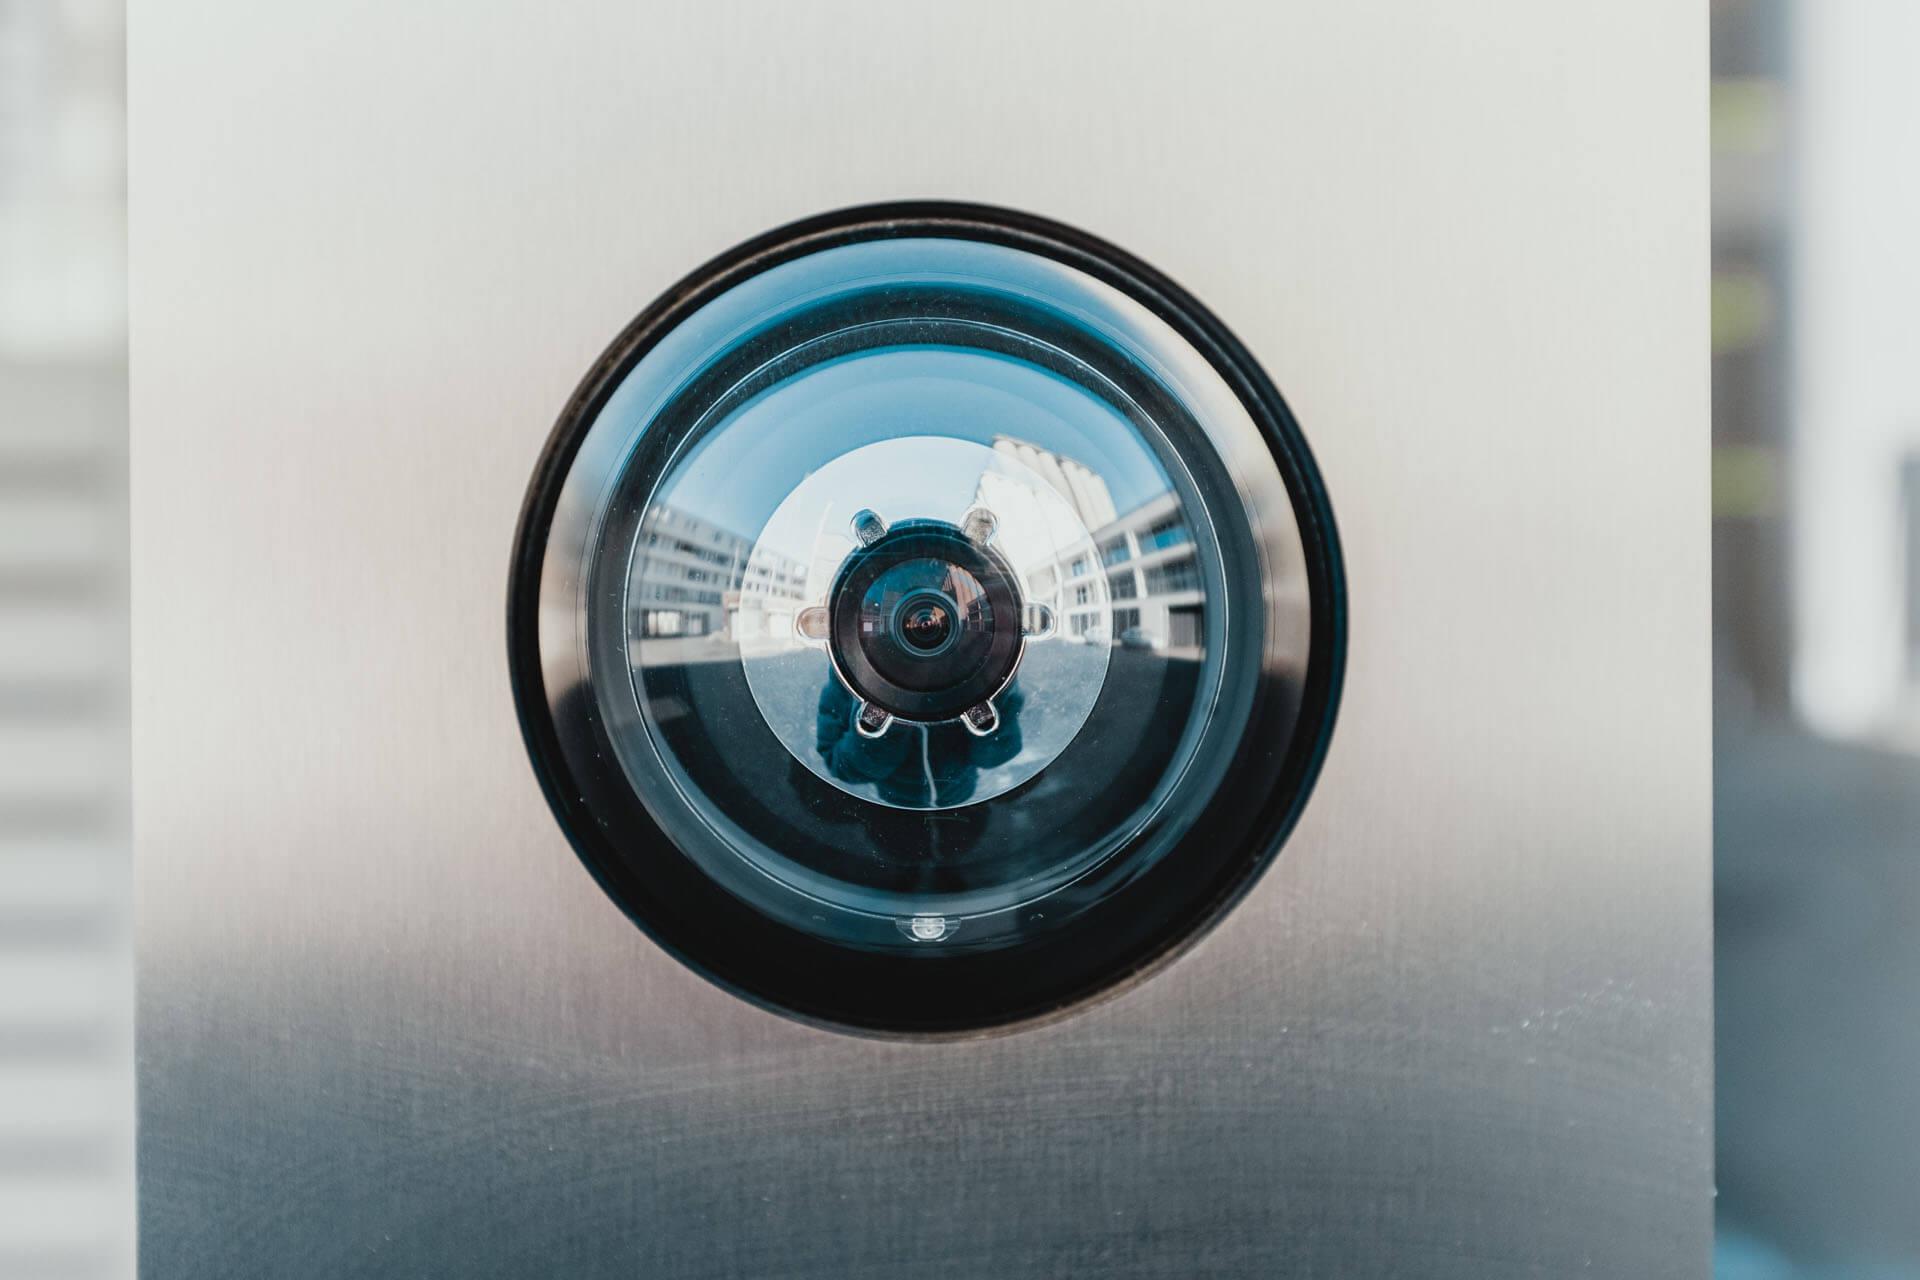 Billede af et dørkamera, adgangsalarm.